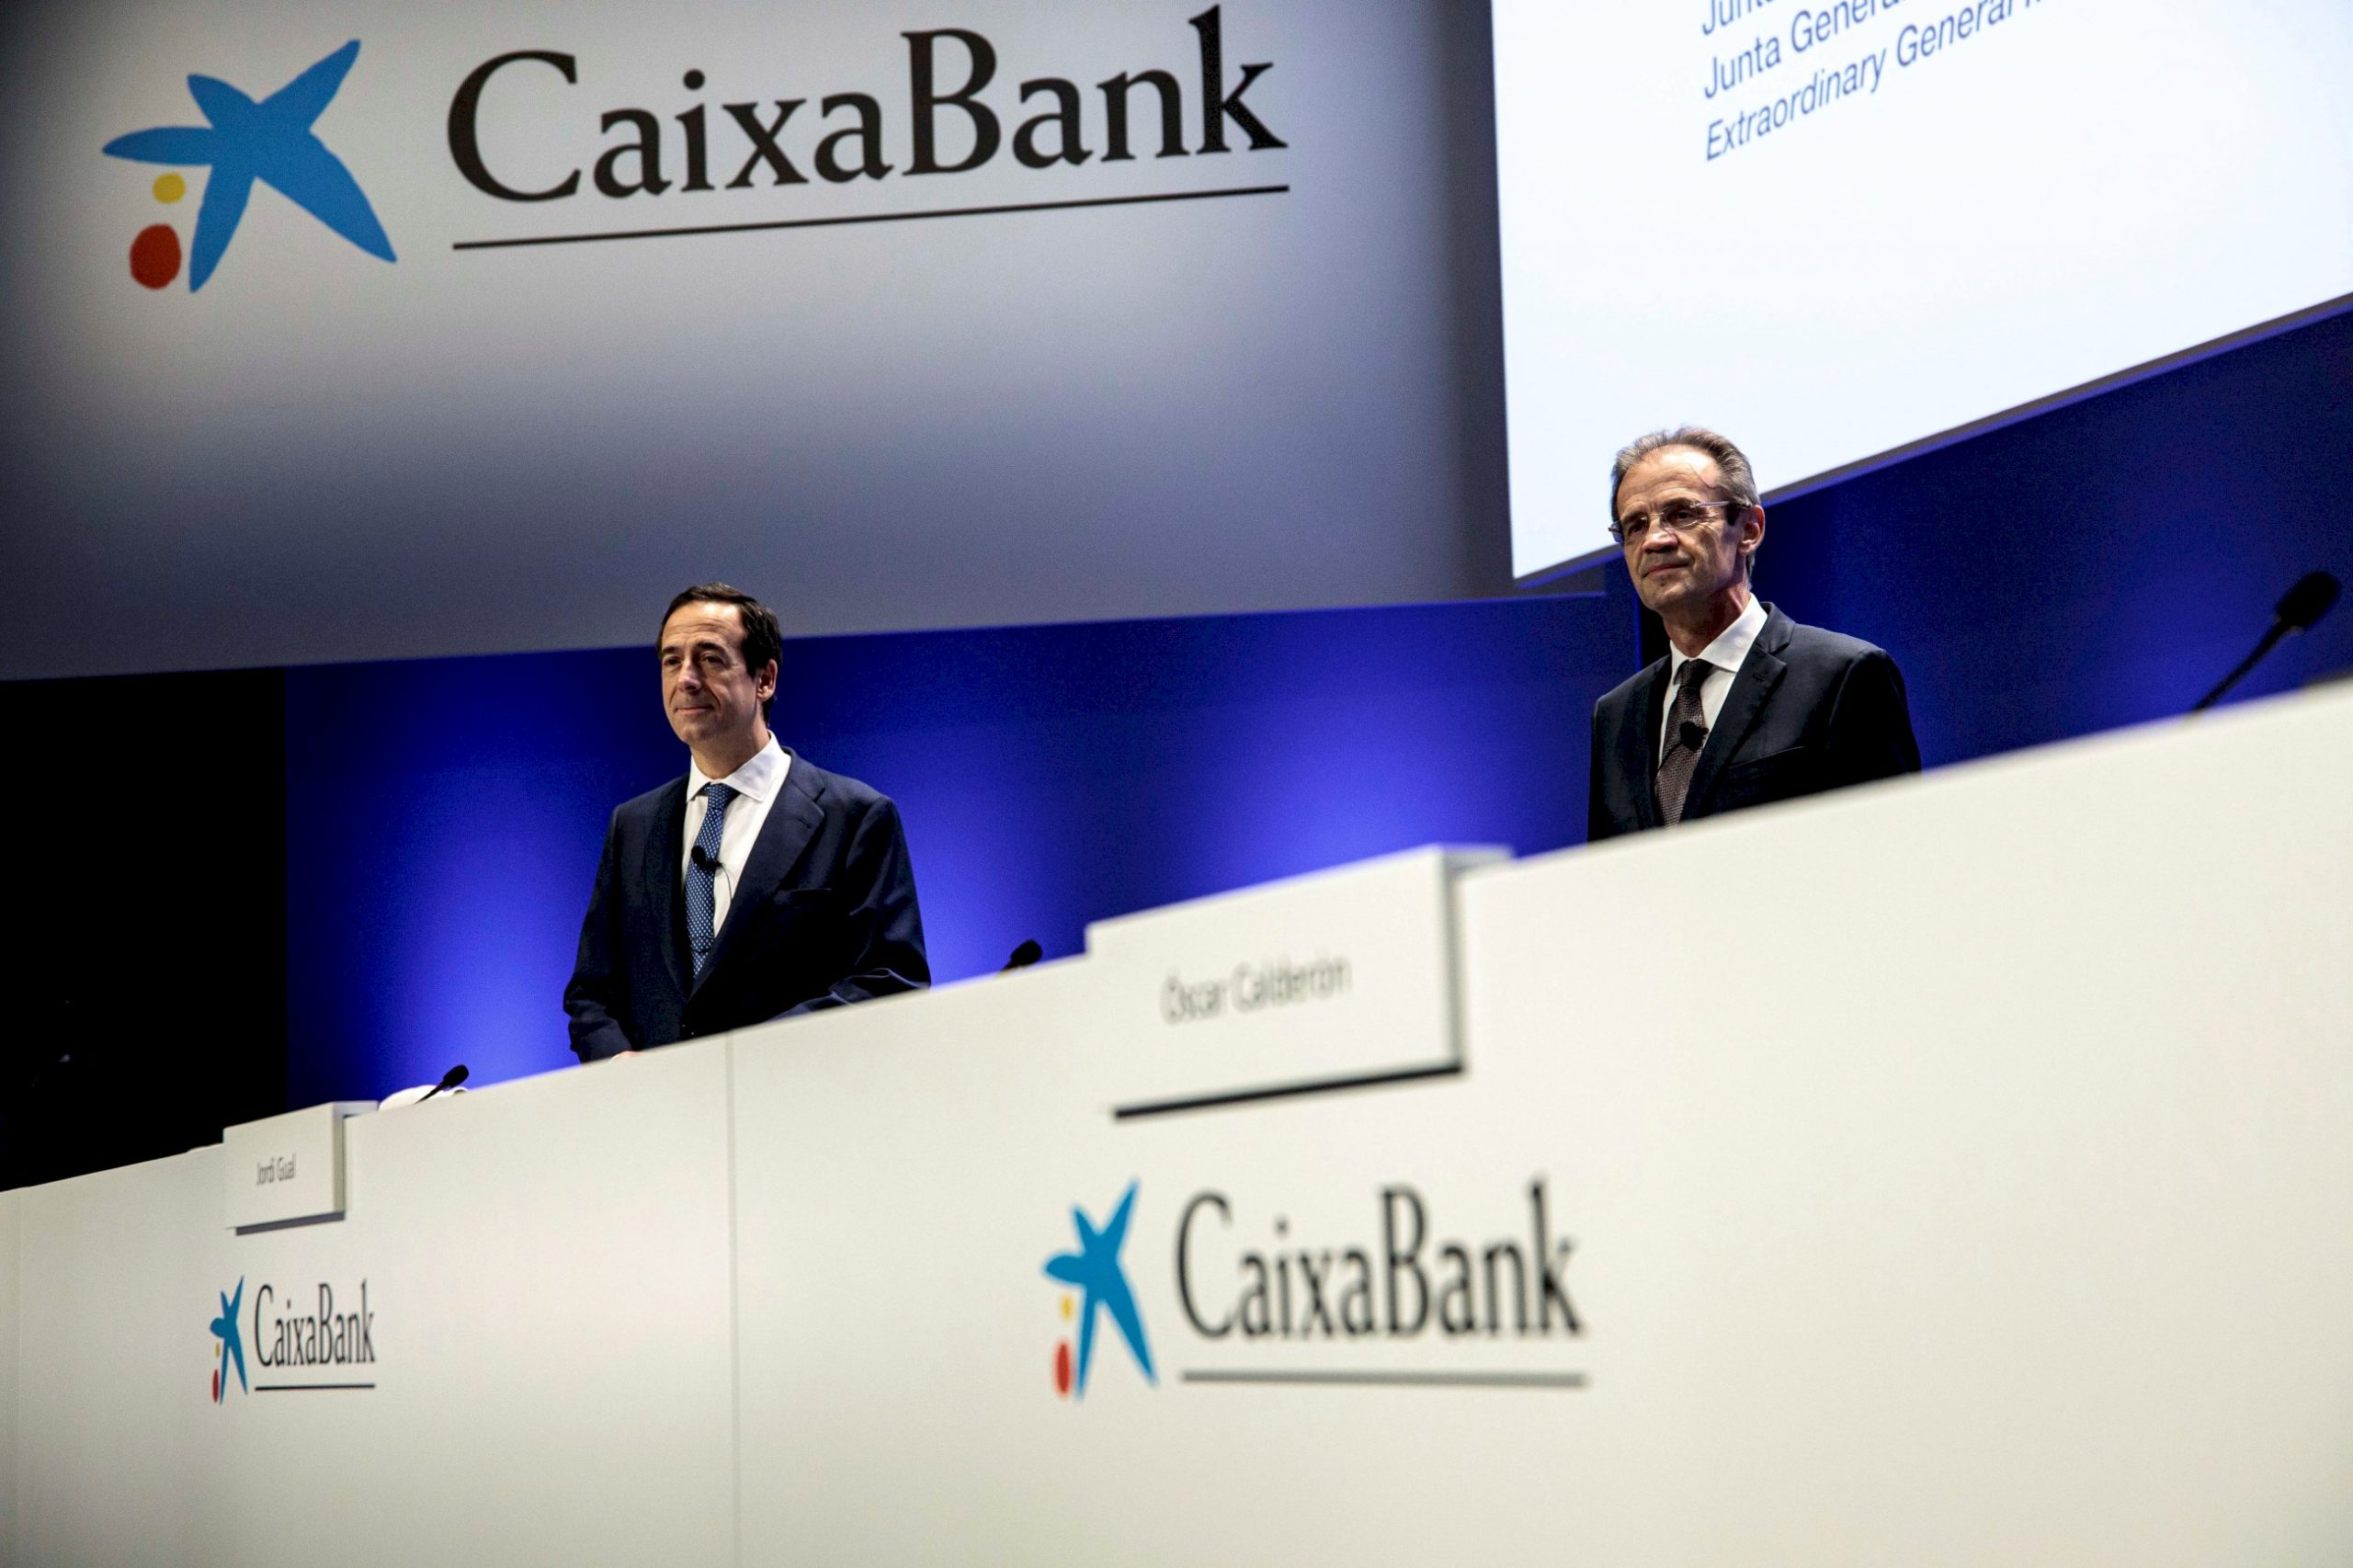 Credit Suisse desvela cómo invertir ahora en bancos españoles María Gómez Silva